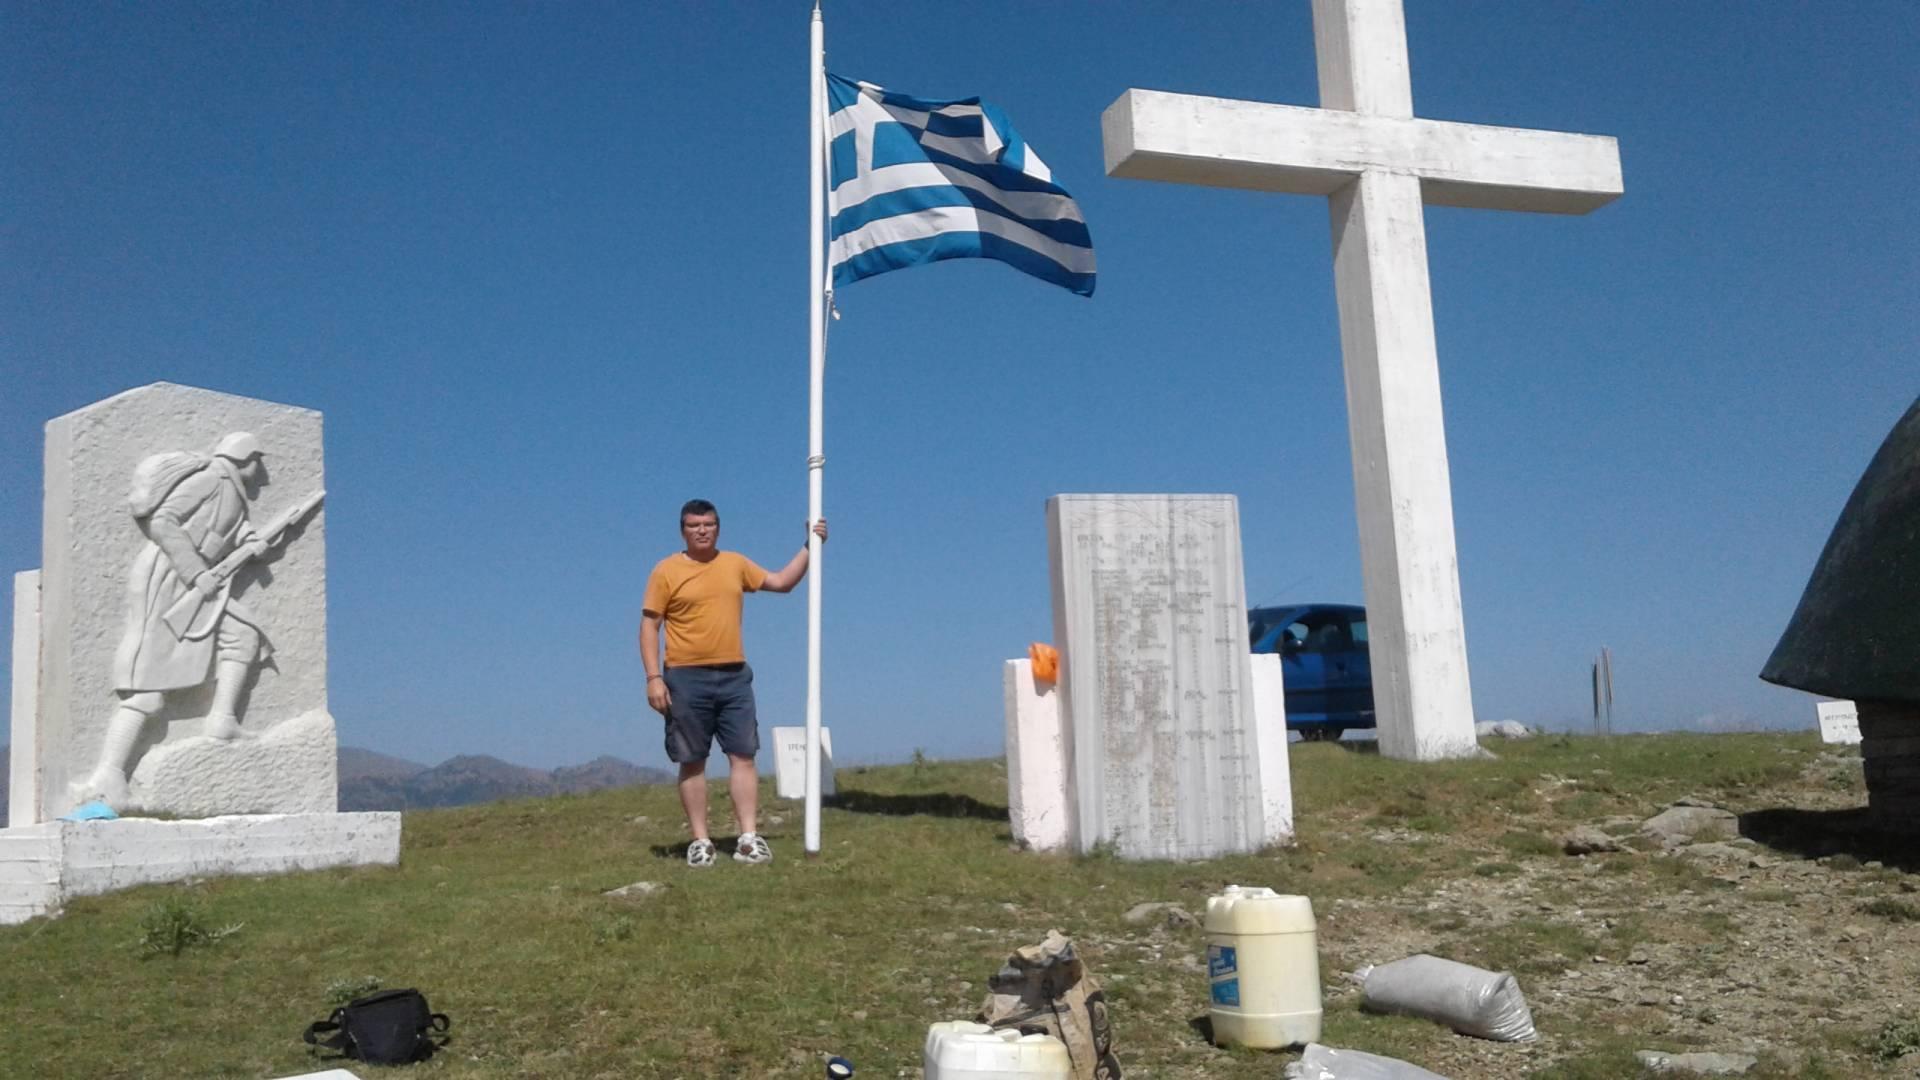 Έπαρση Ελληνικής Σημαίας στο Μνημείο Πεσόντων Οπλιτώνκαι Αξ/κωνΓρεβενών 1940-41 στο όρος Αννίστα